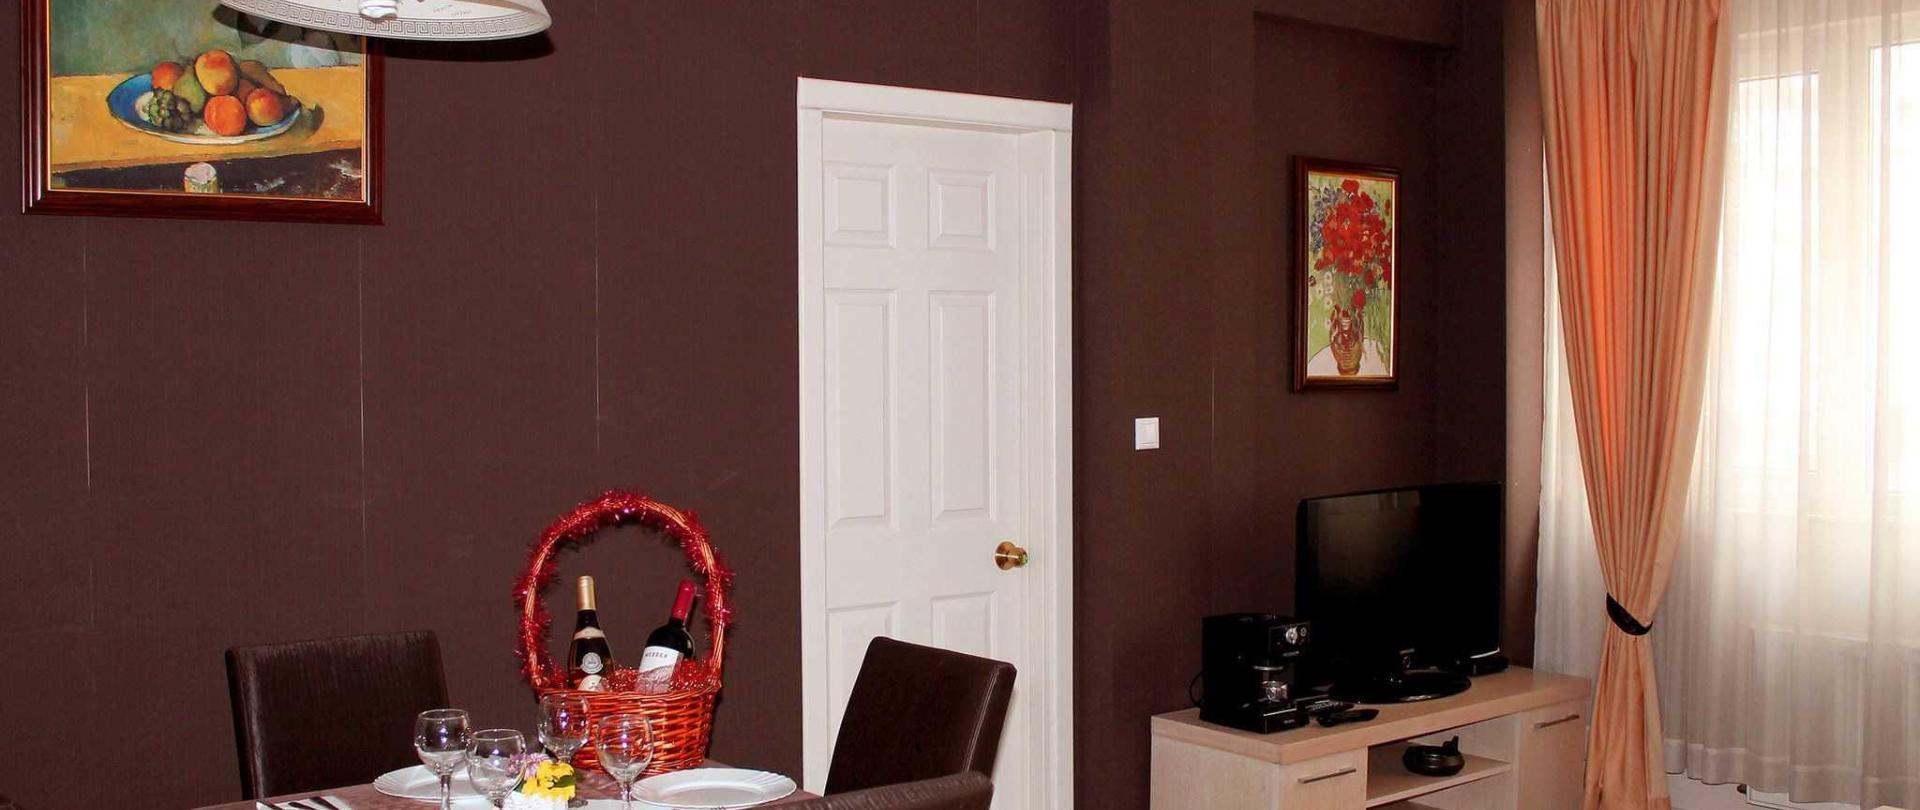 2-livingroom-b.jpg